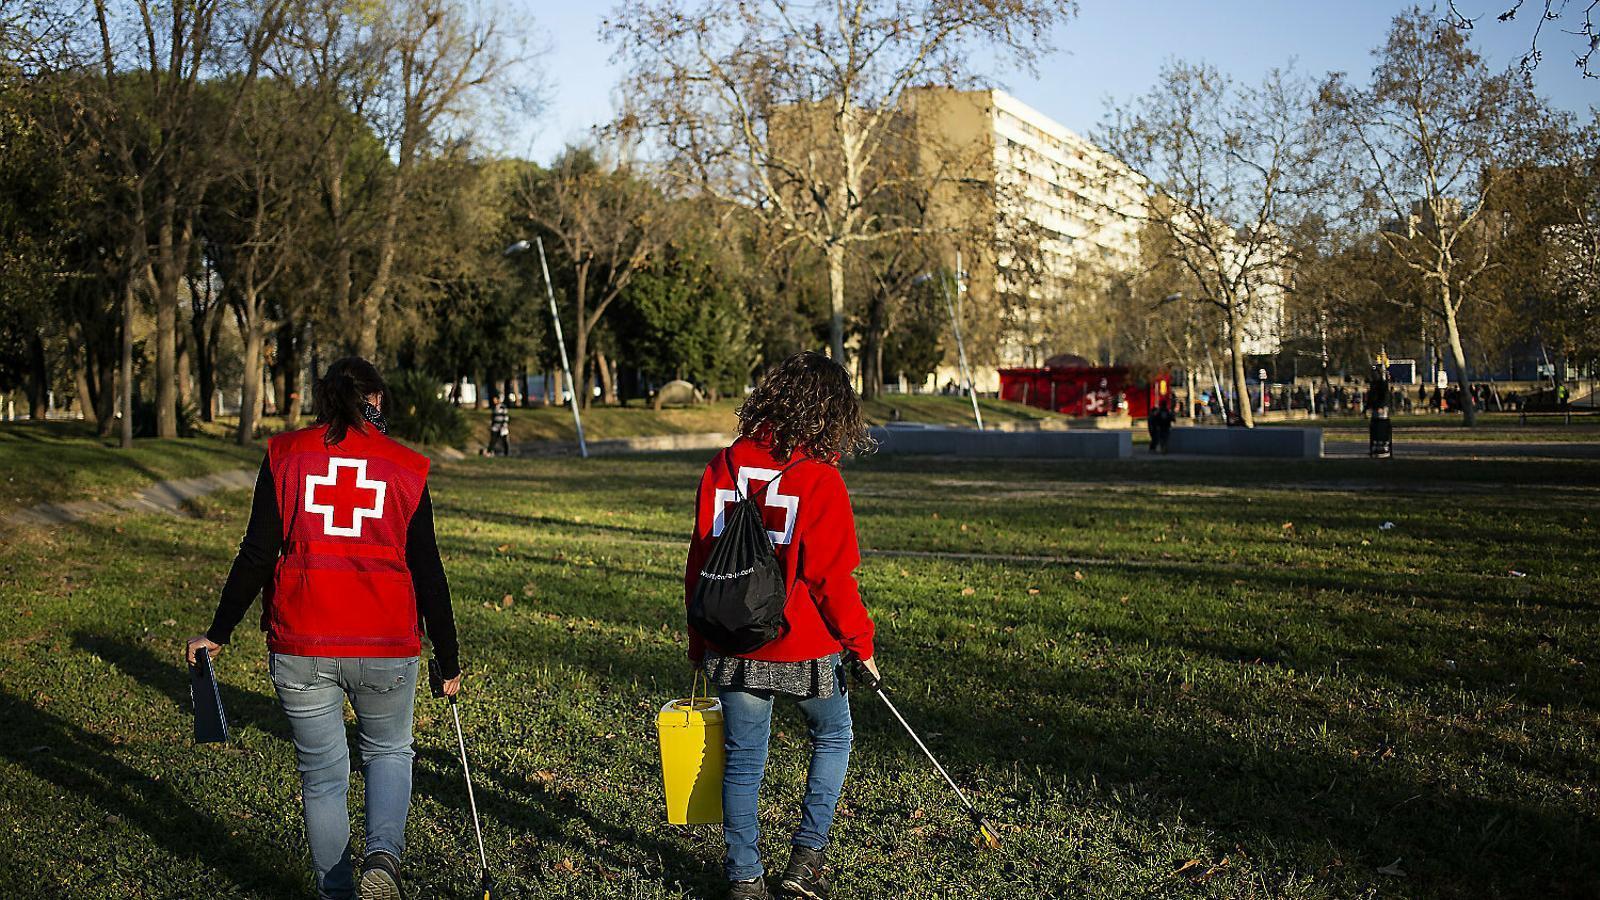 Servei de vigilància al parc del Besòs per reduir la presència de xeringues